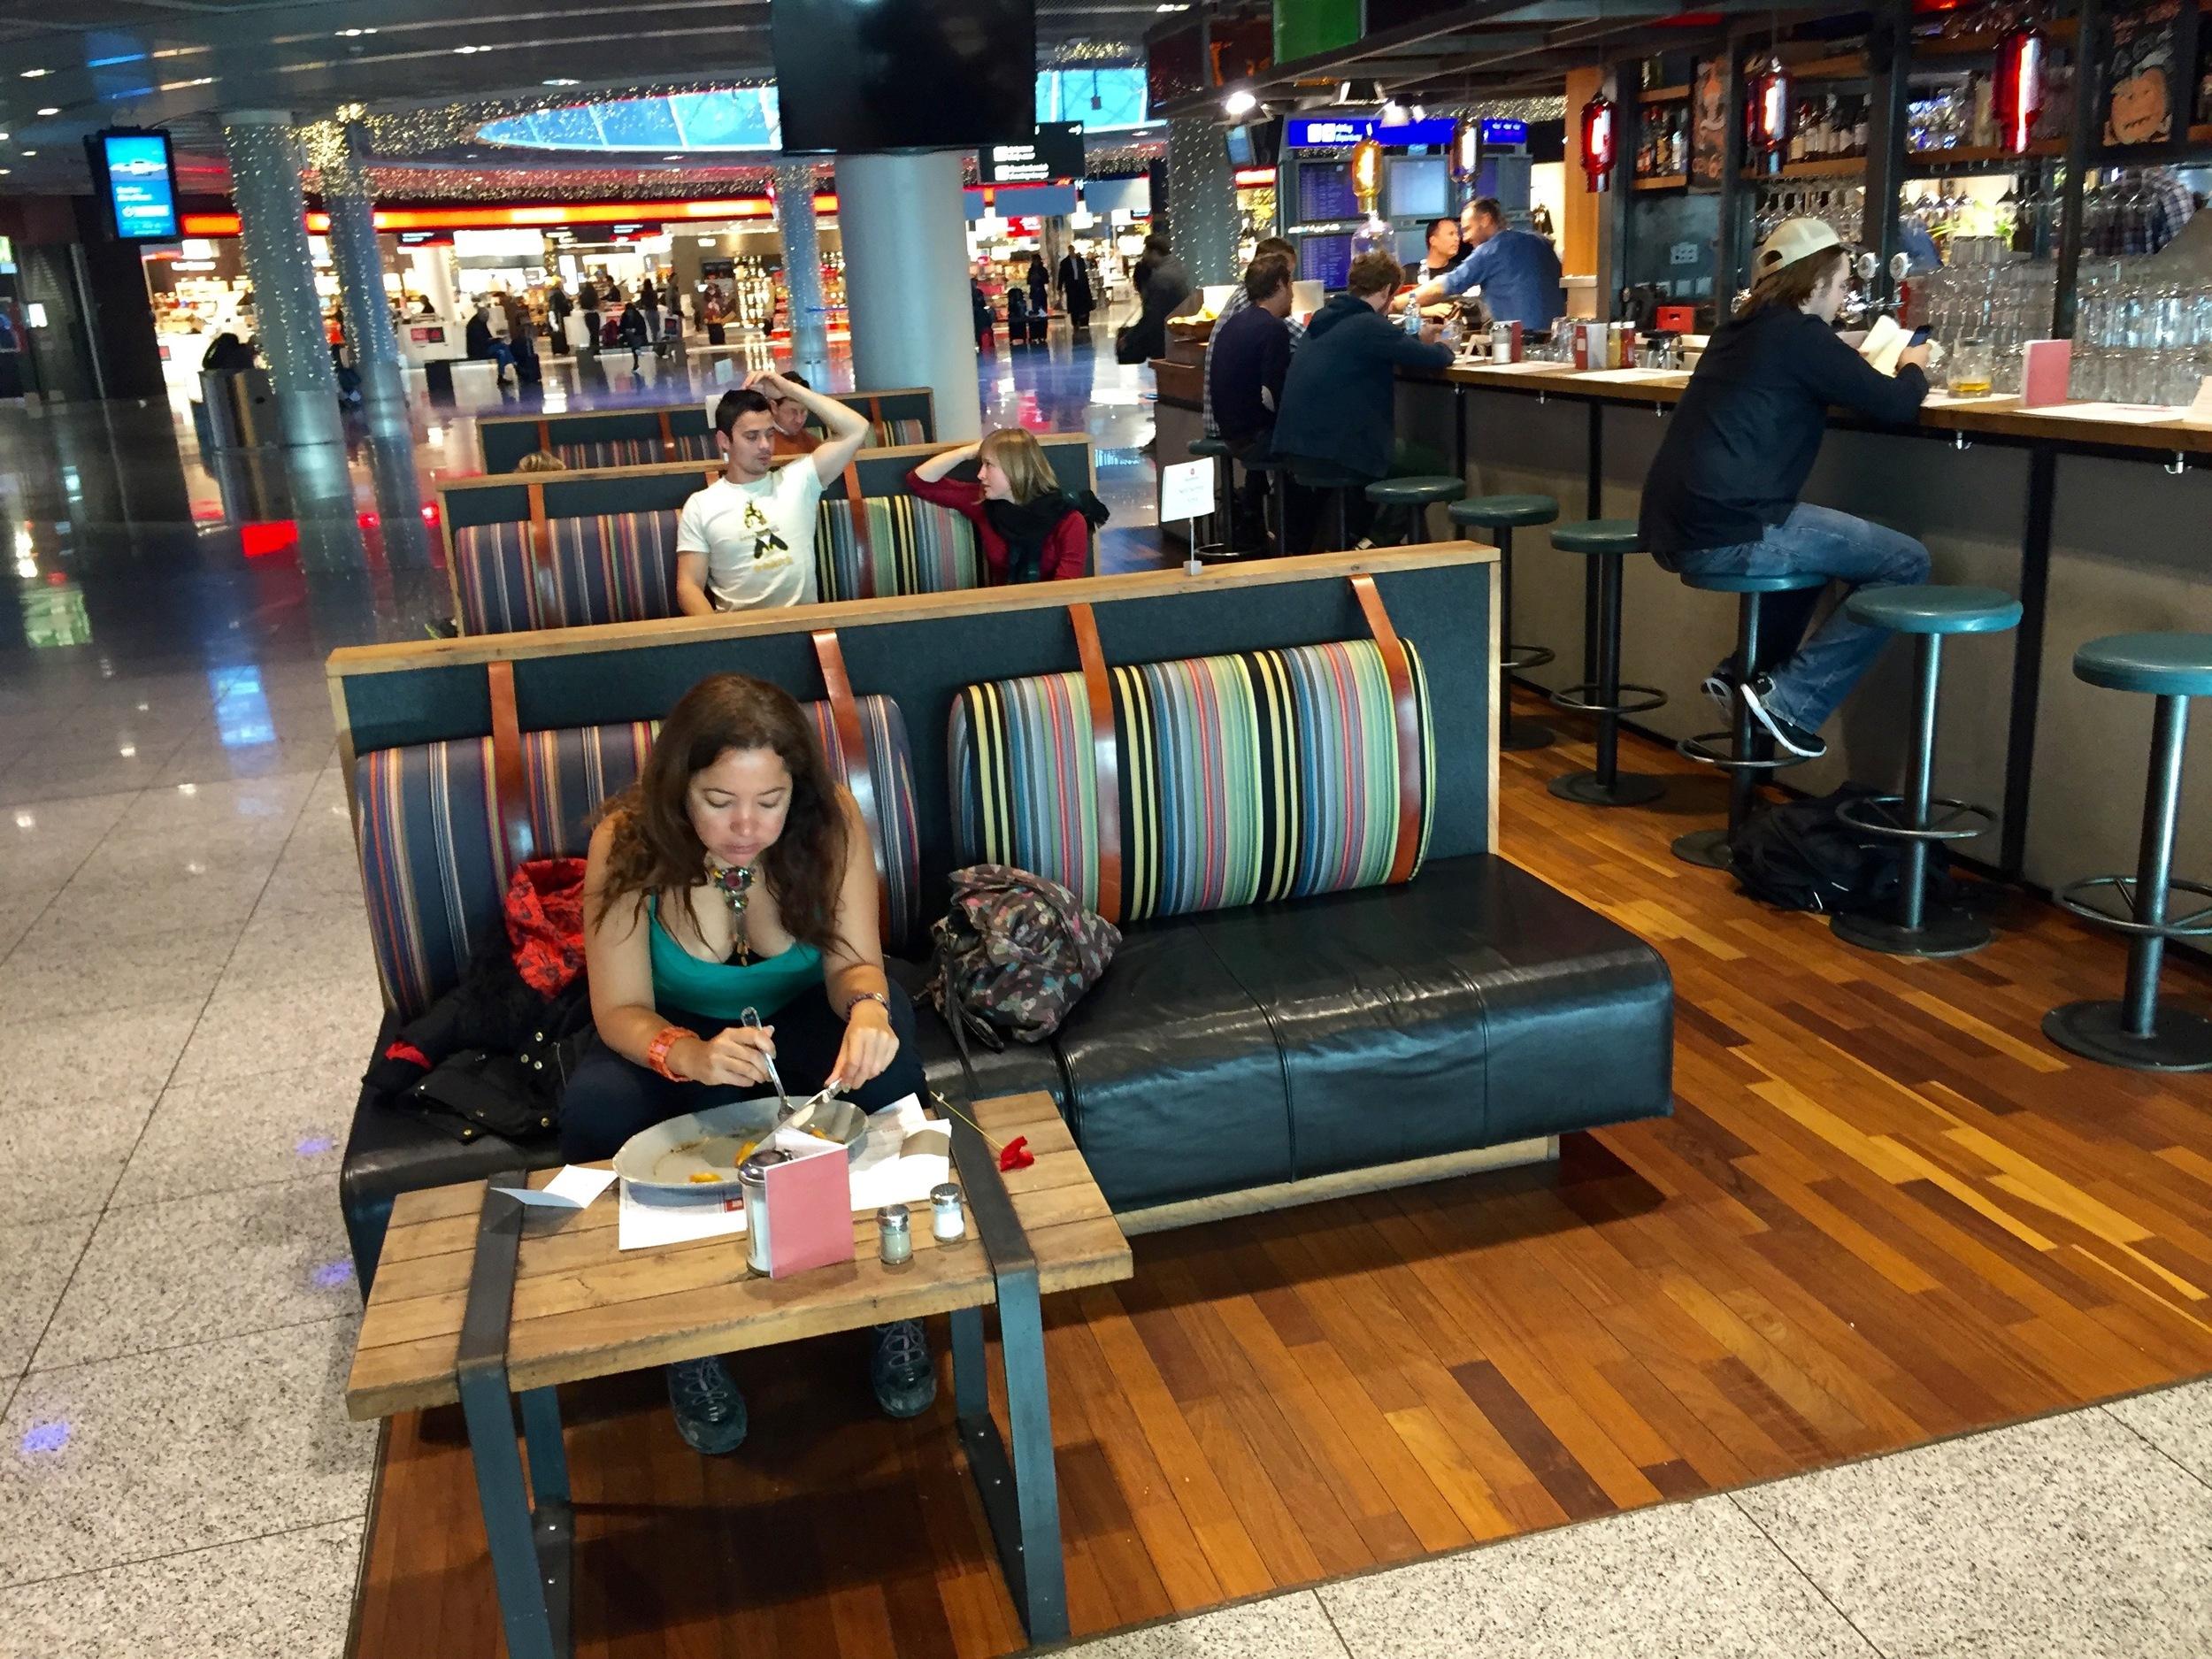 Nyt livet på flyplassen.                               Foto: Odd Roar Lange